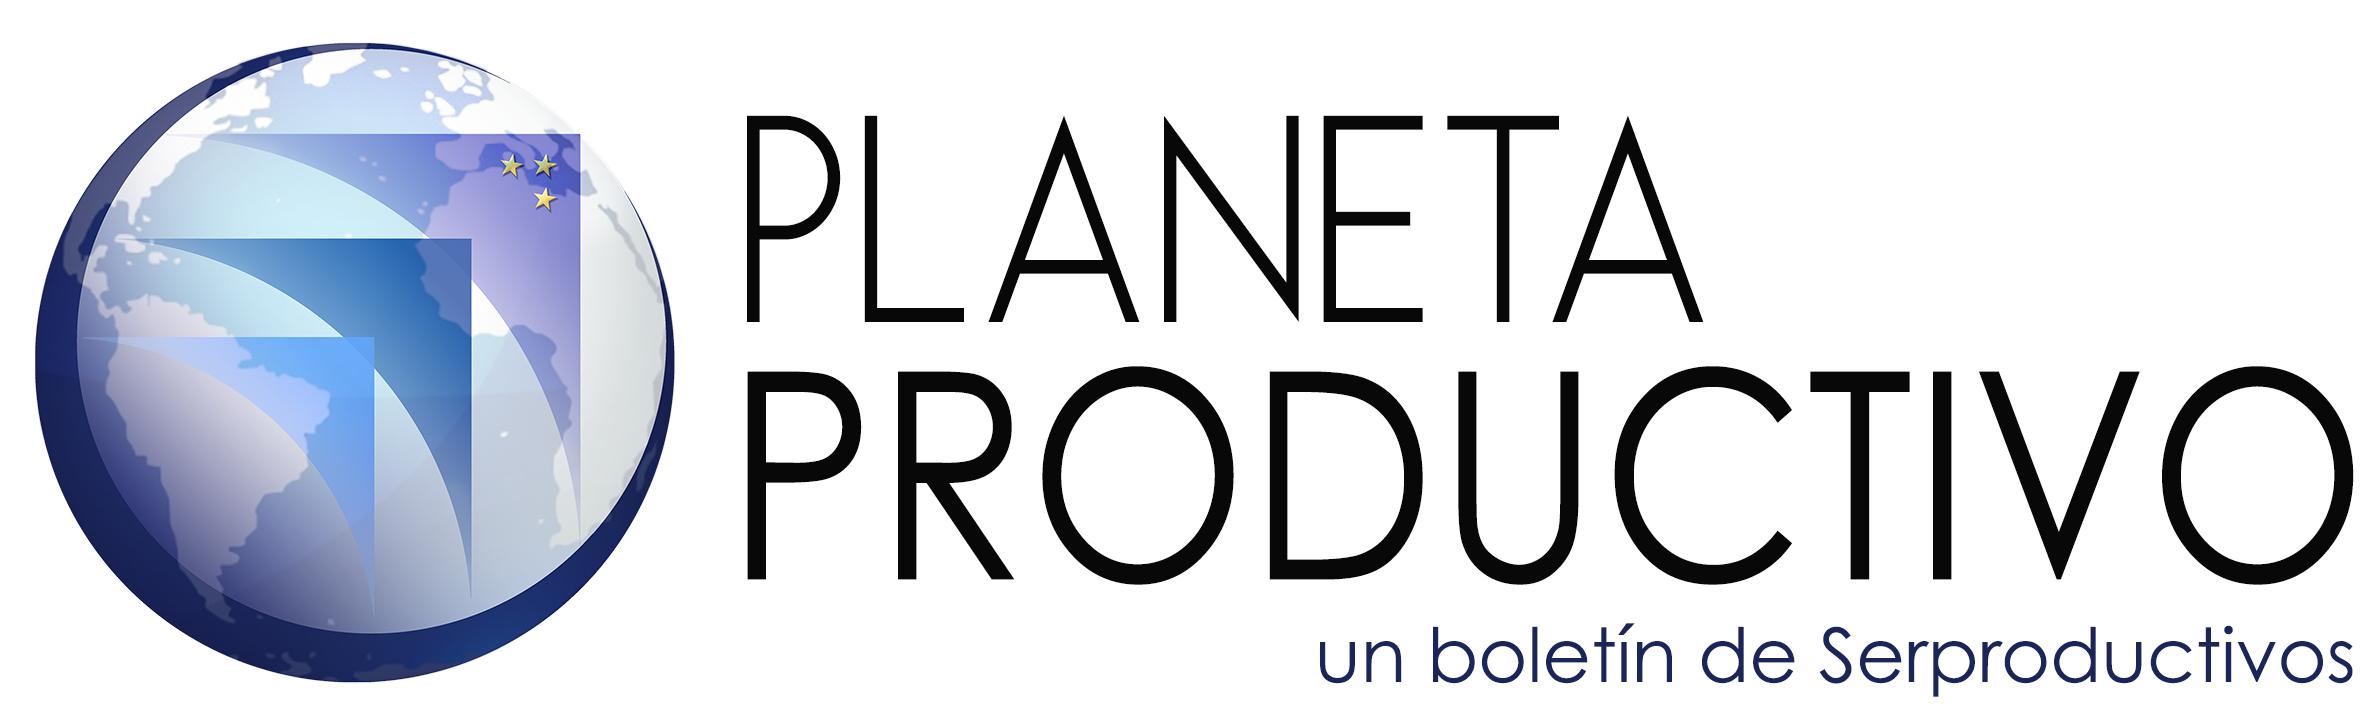 planeta productivo